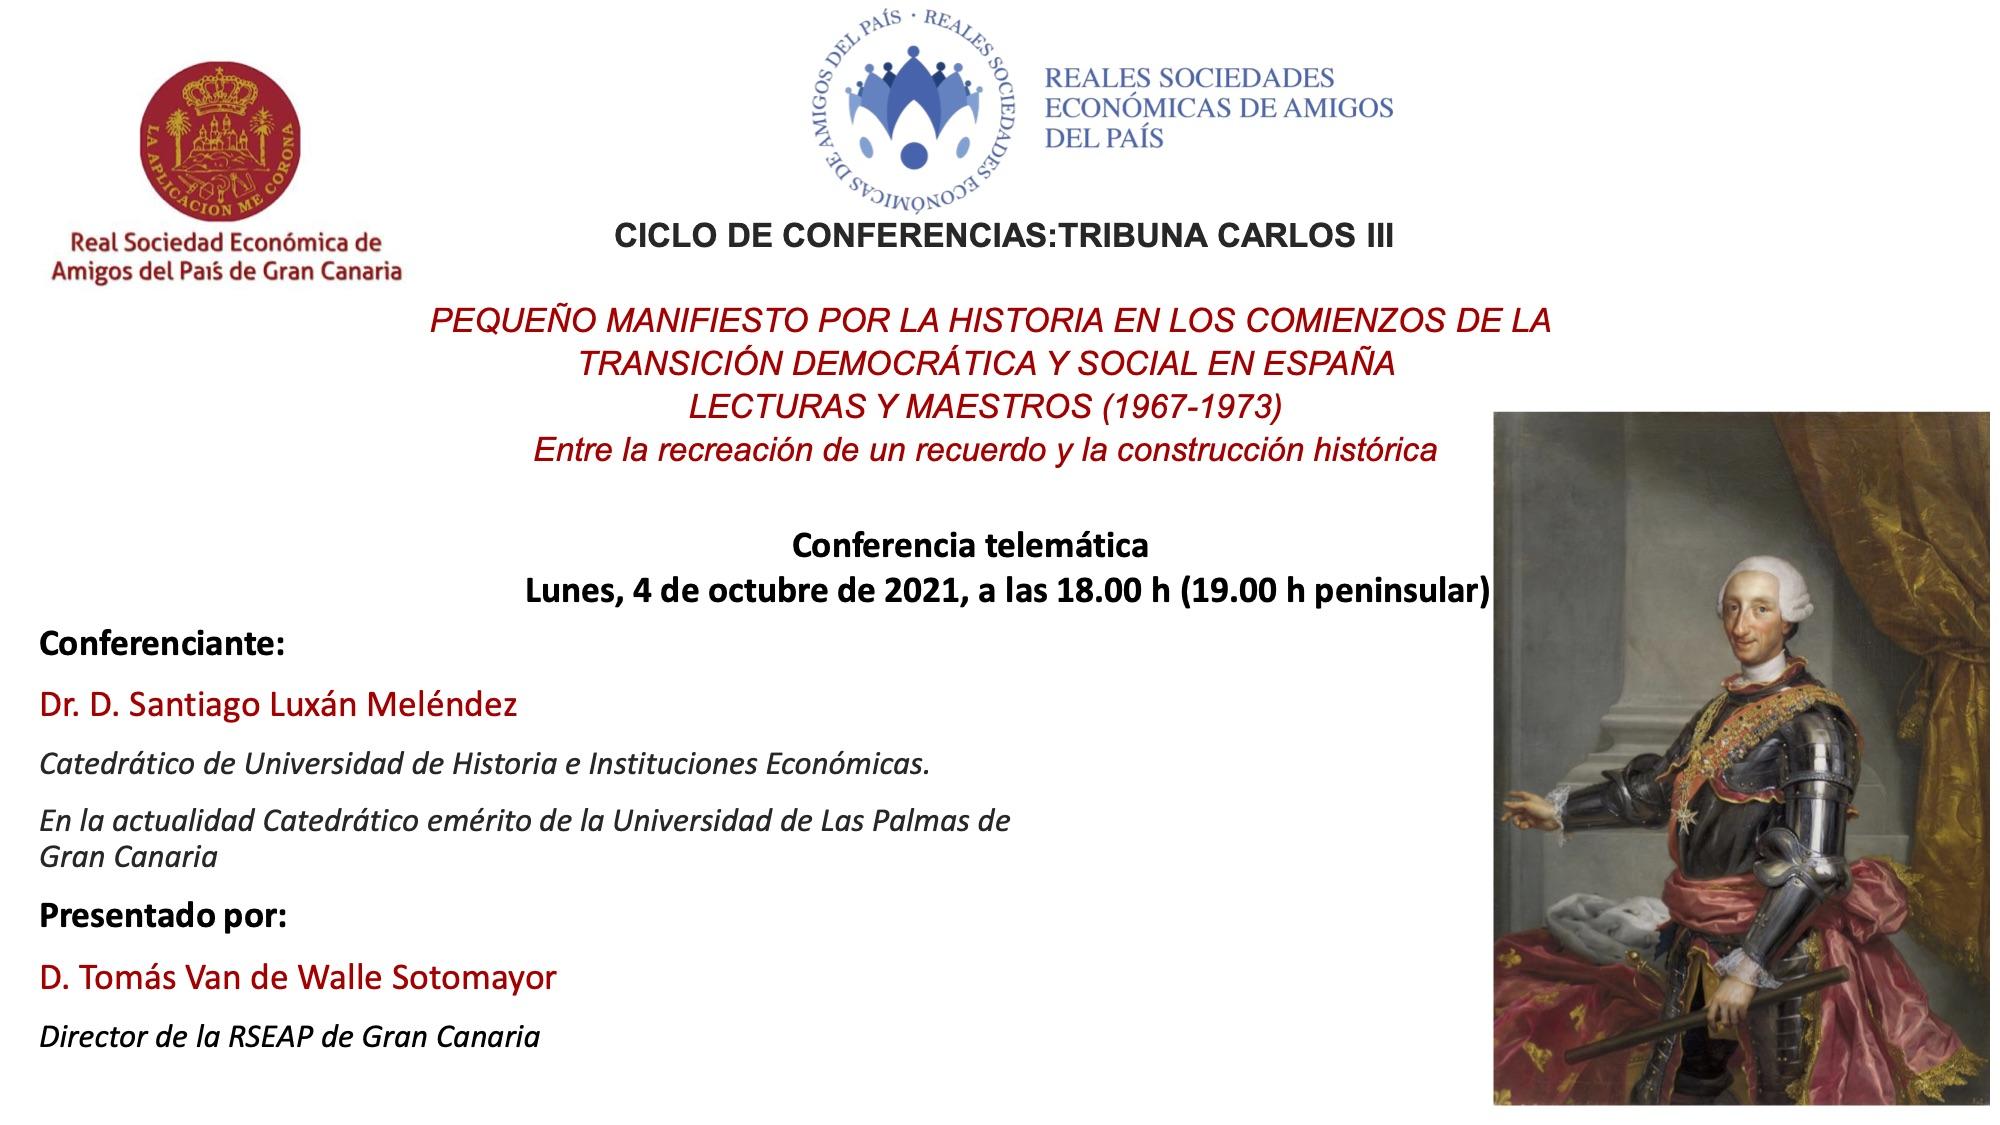 Cartel anunciador de la conferencia